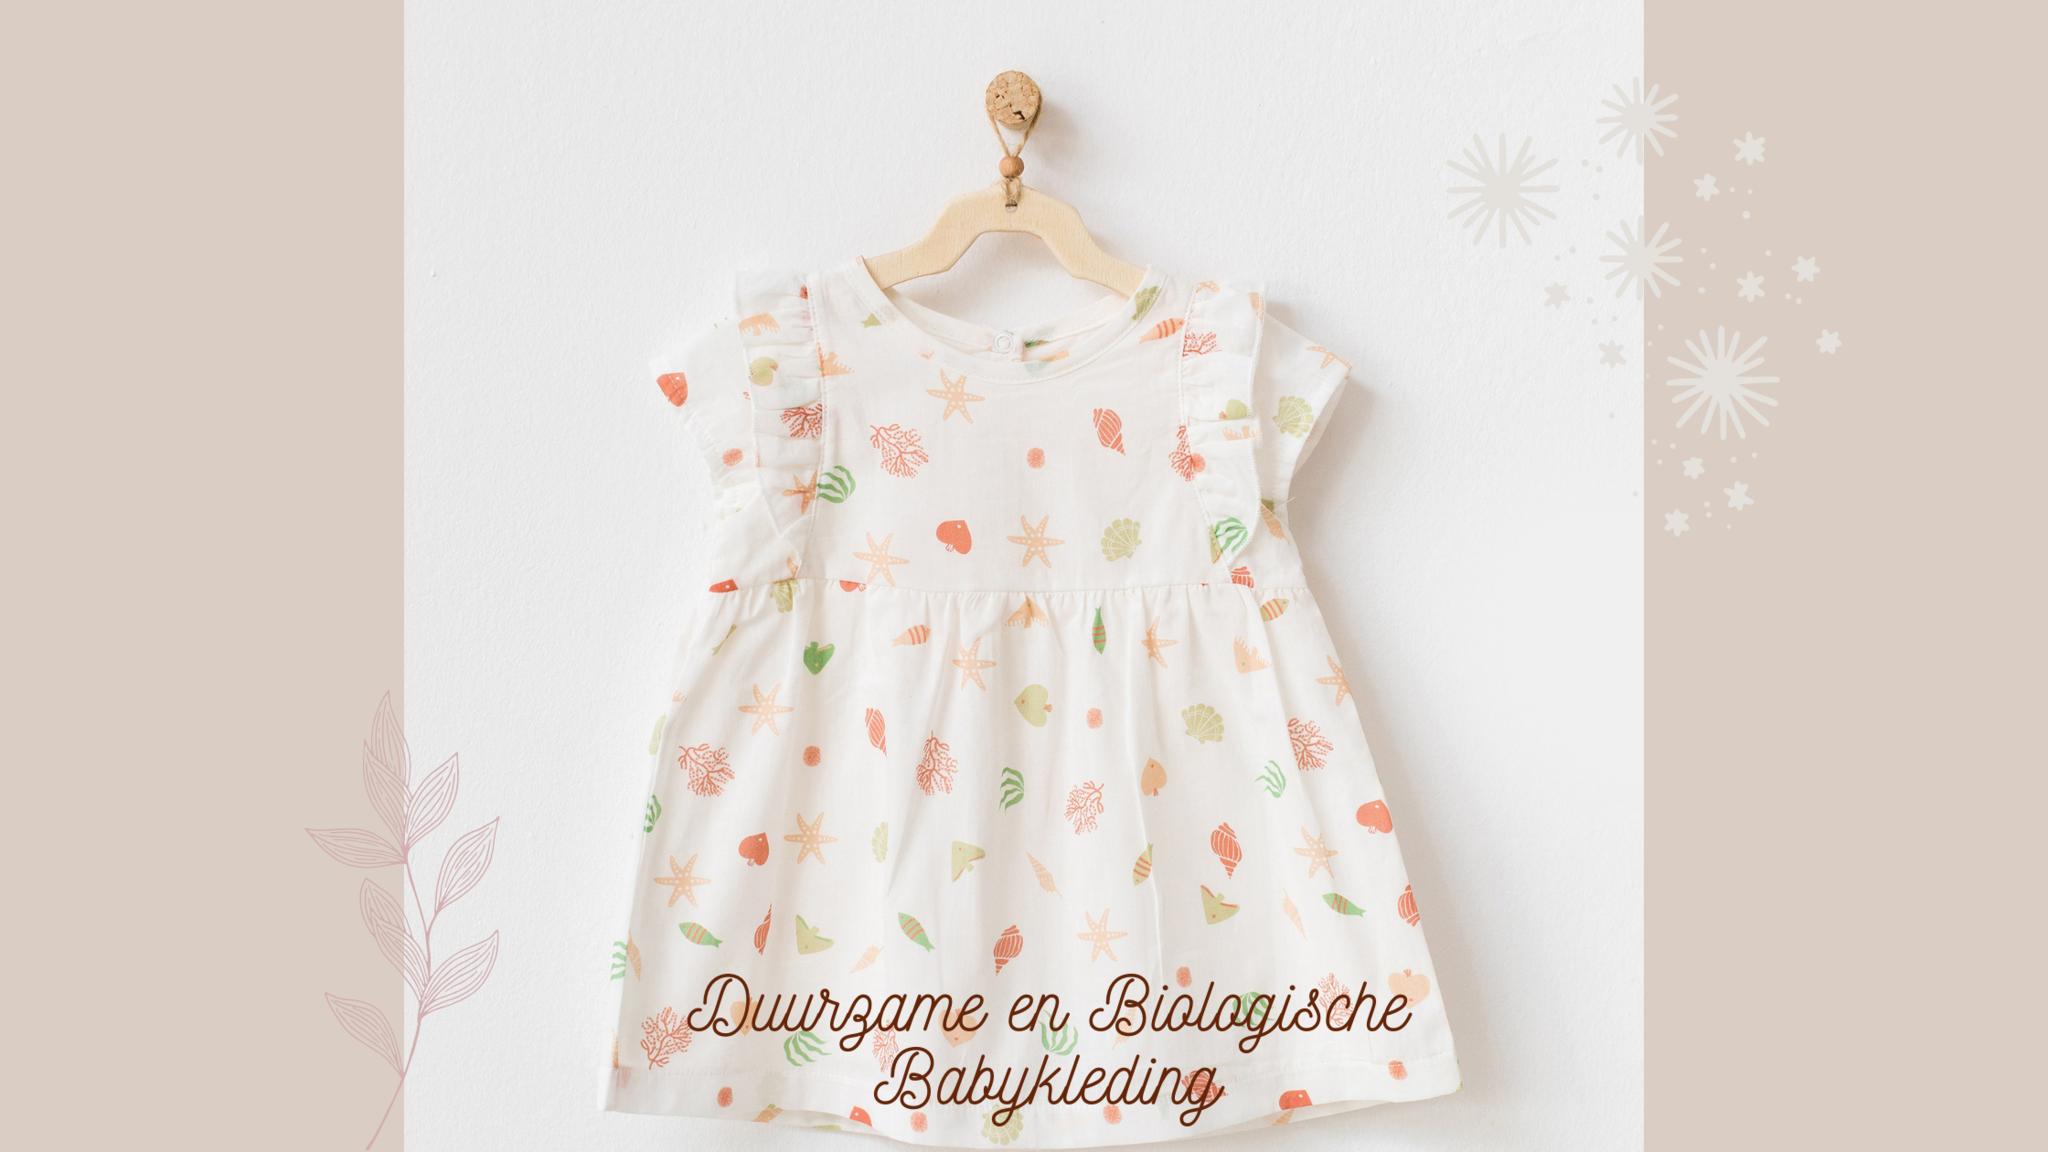 Duurzame en biologische babykleding